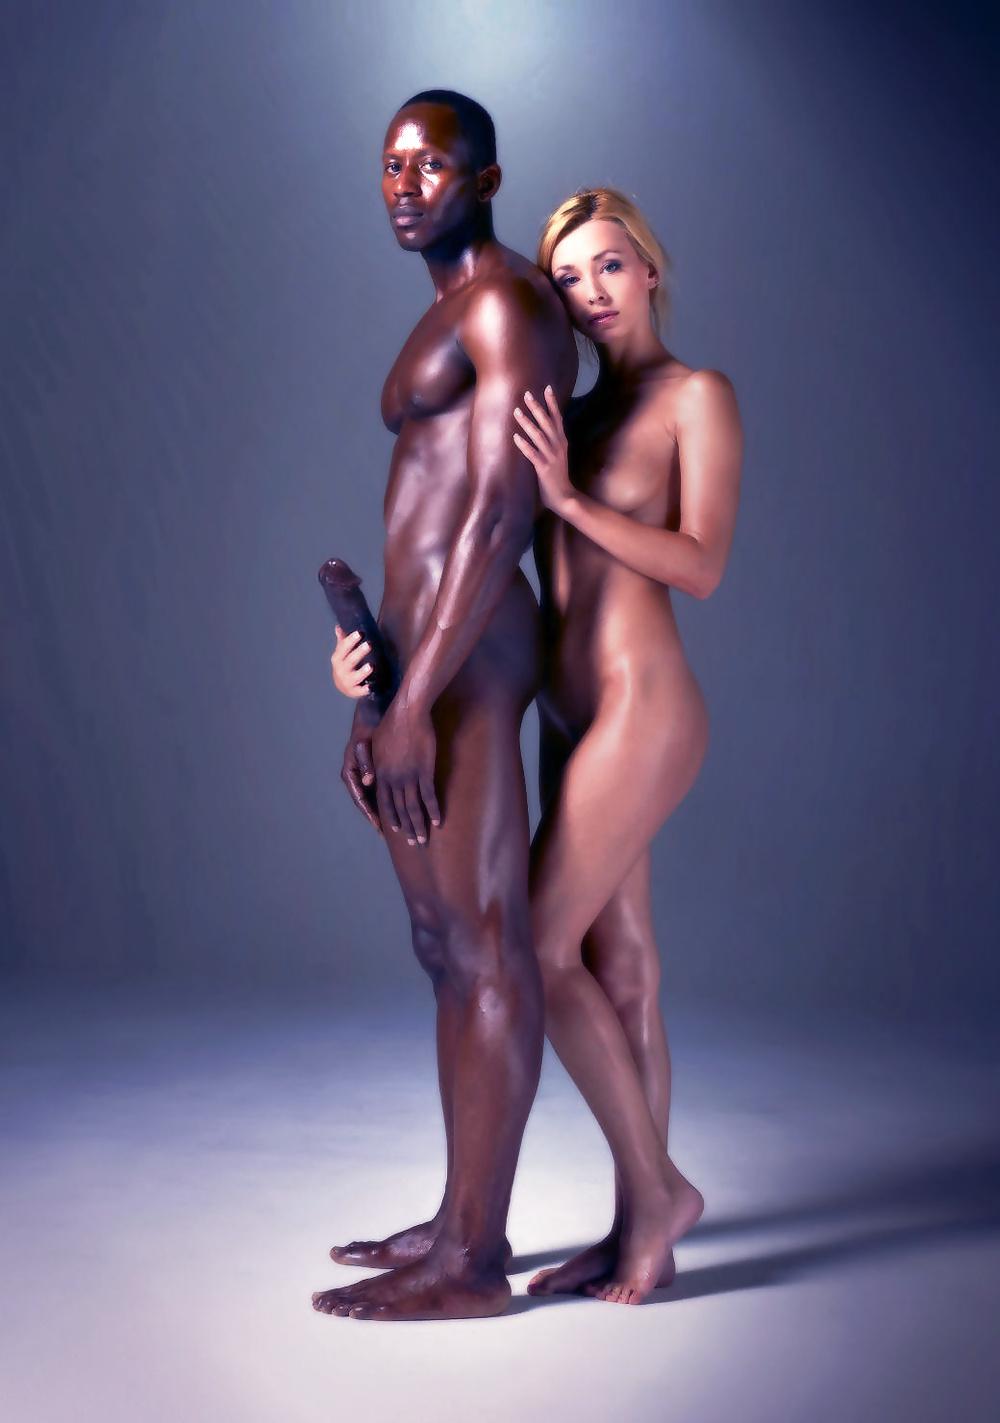 black-couple-posing-naked